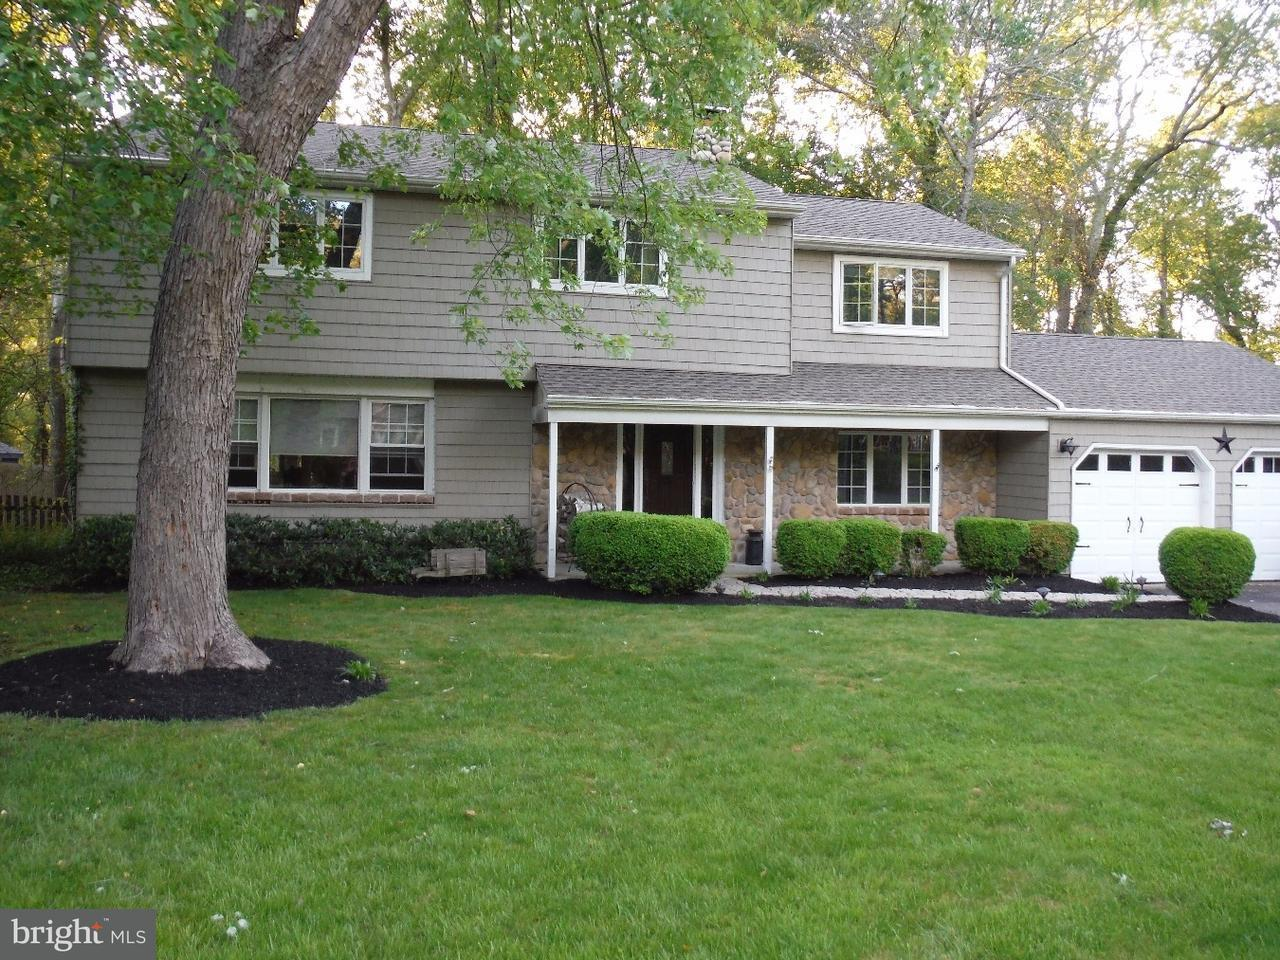 独户住宅 为 销售 在 92 NANTUCKET Trail Medford Lakes, 新泽西州 08055 美国